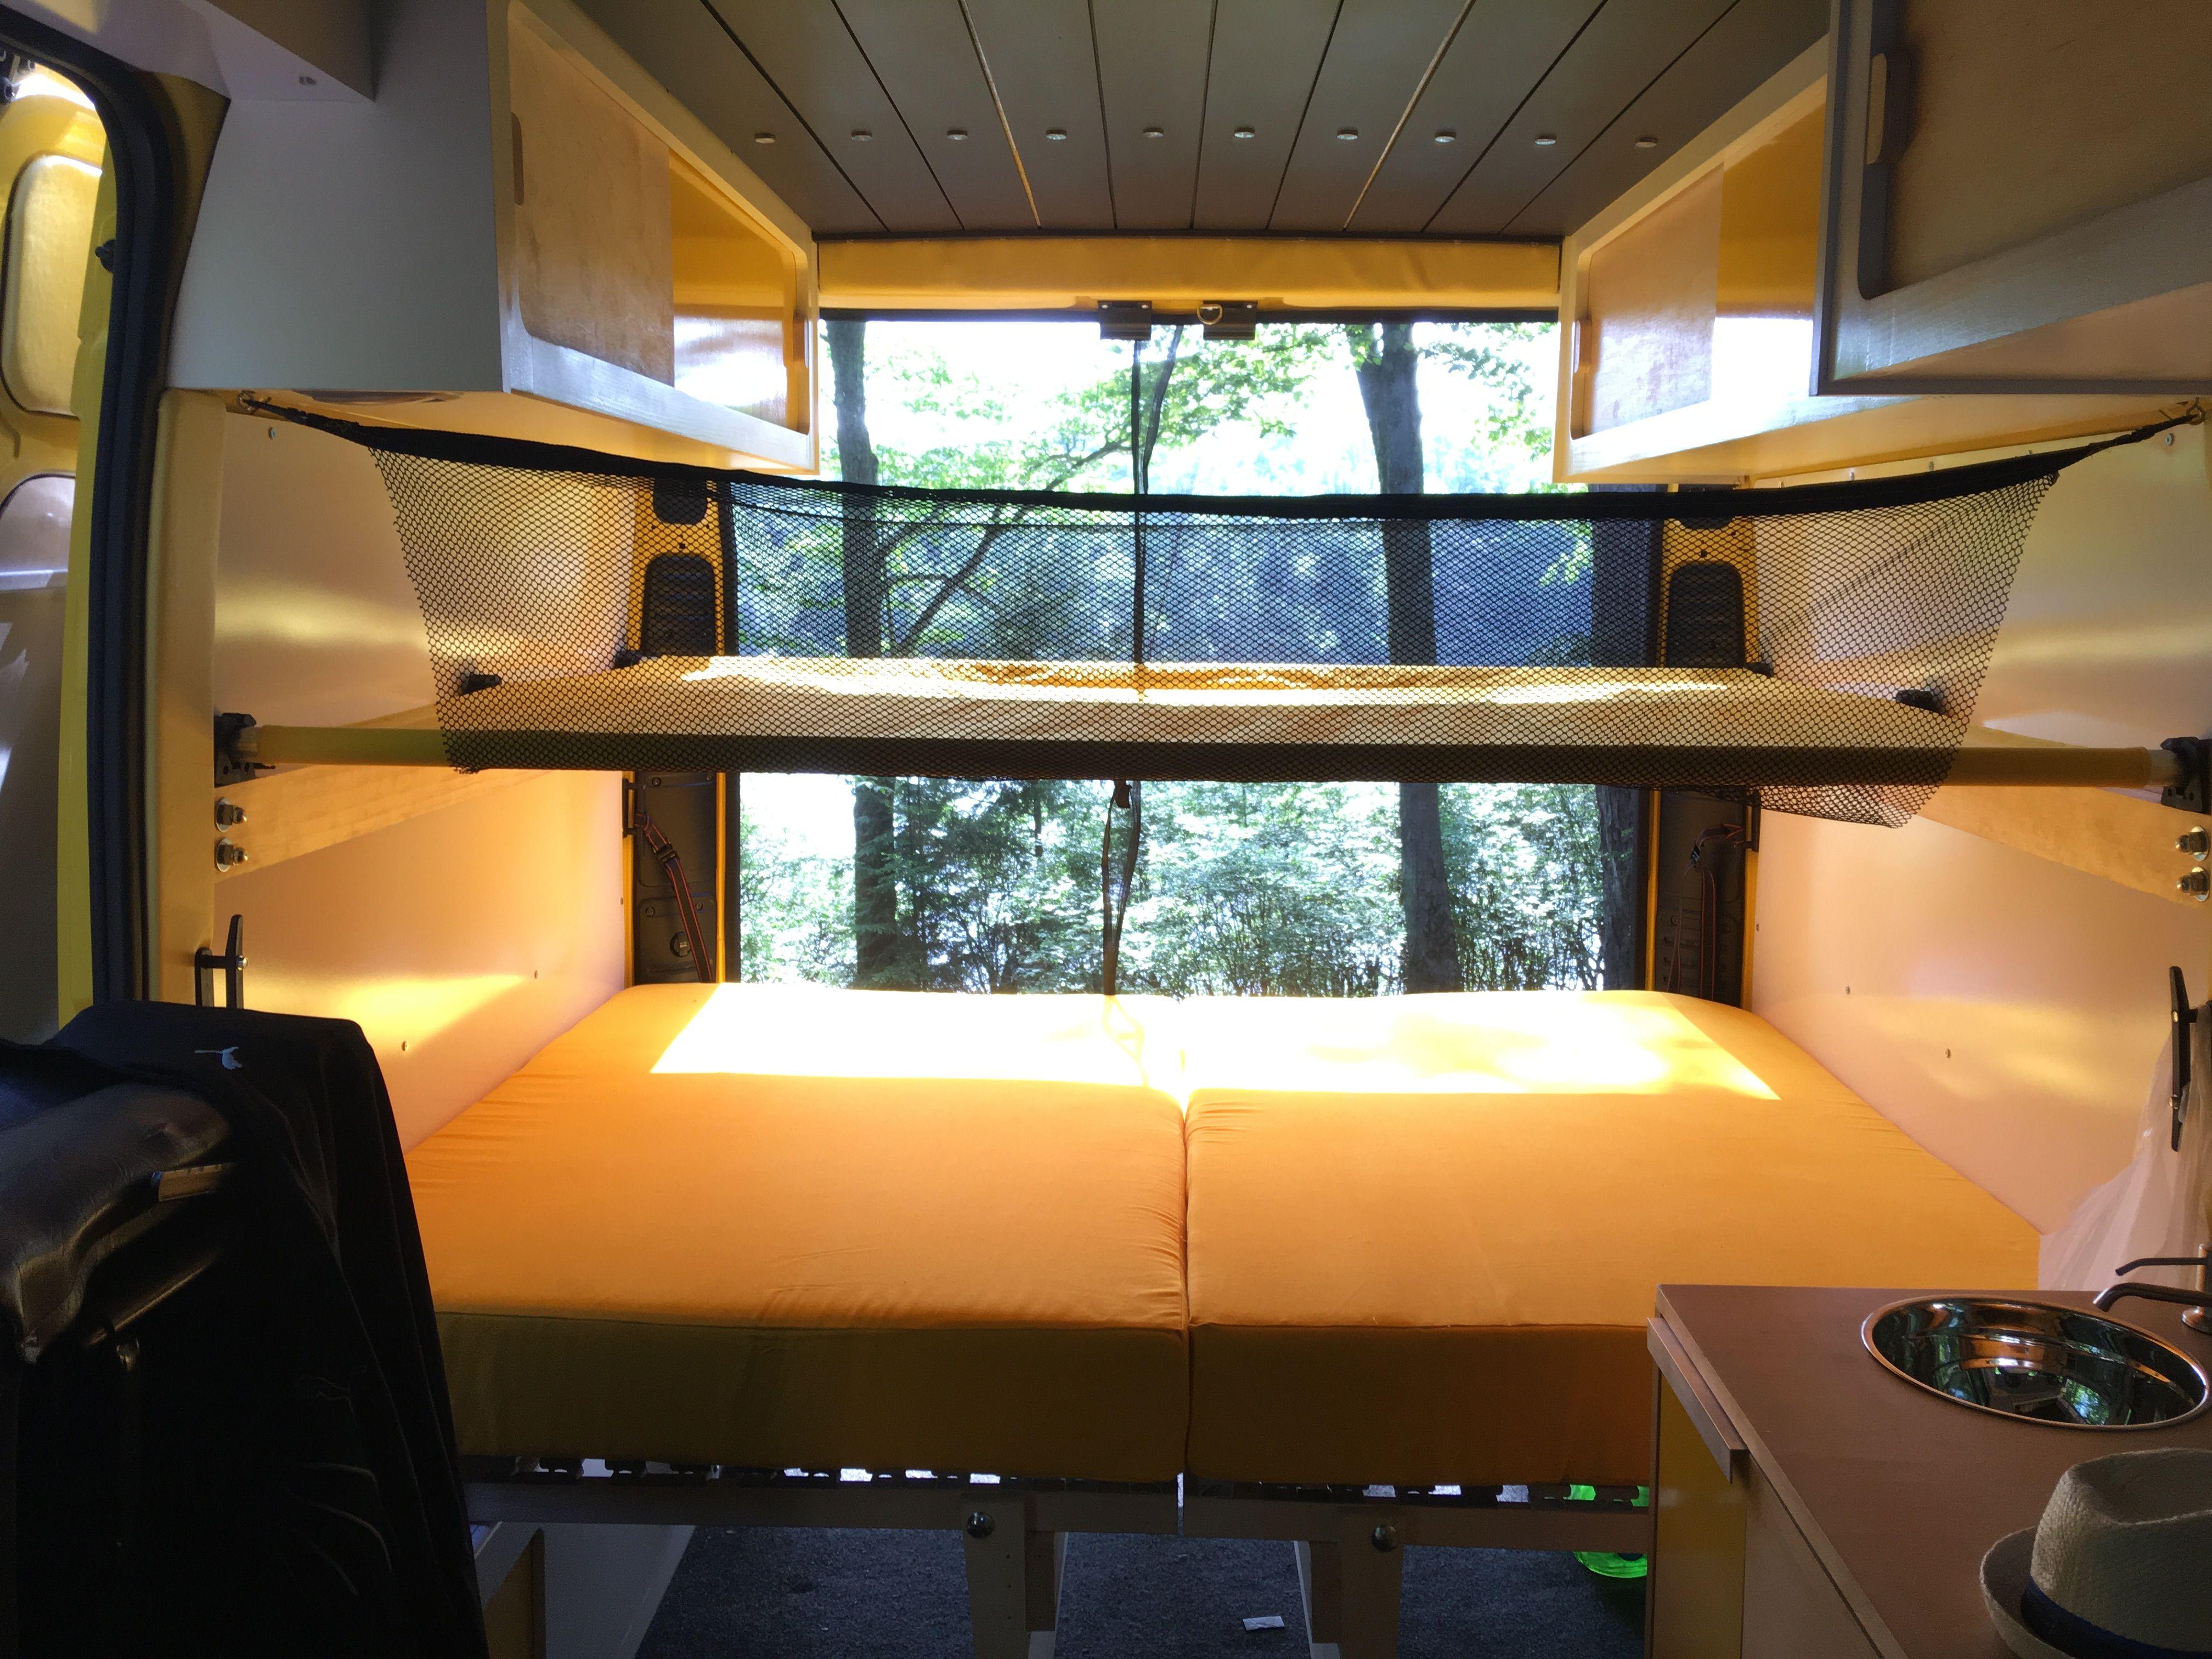 Bunk Beds Promaster Campervan Bunk Beds Bunks Cool Bunk Beds